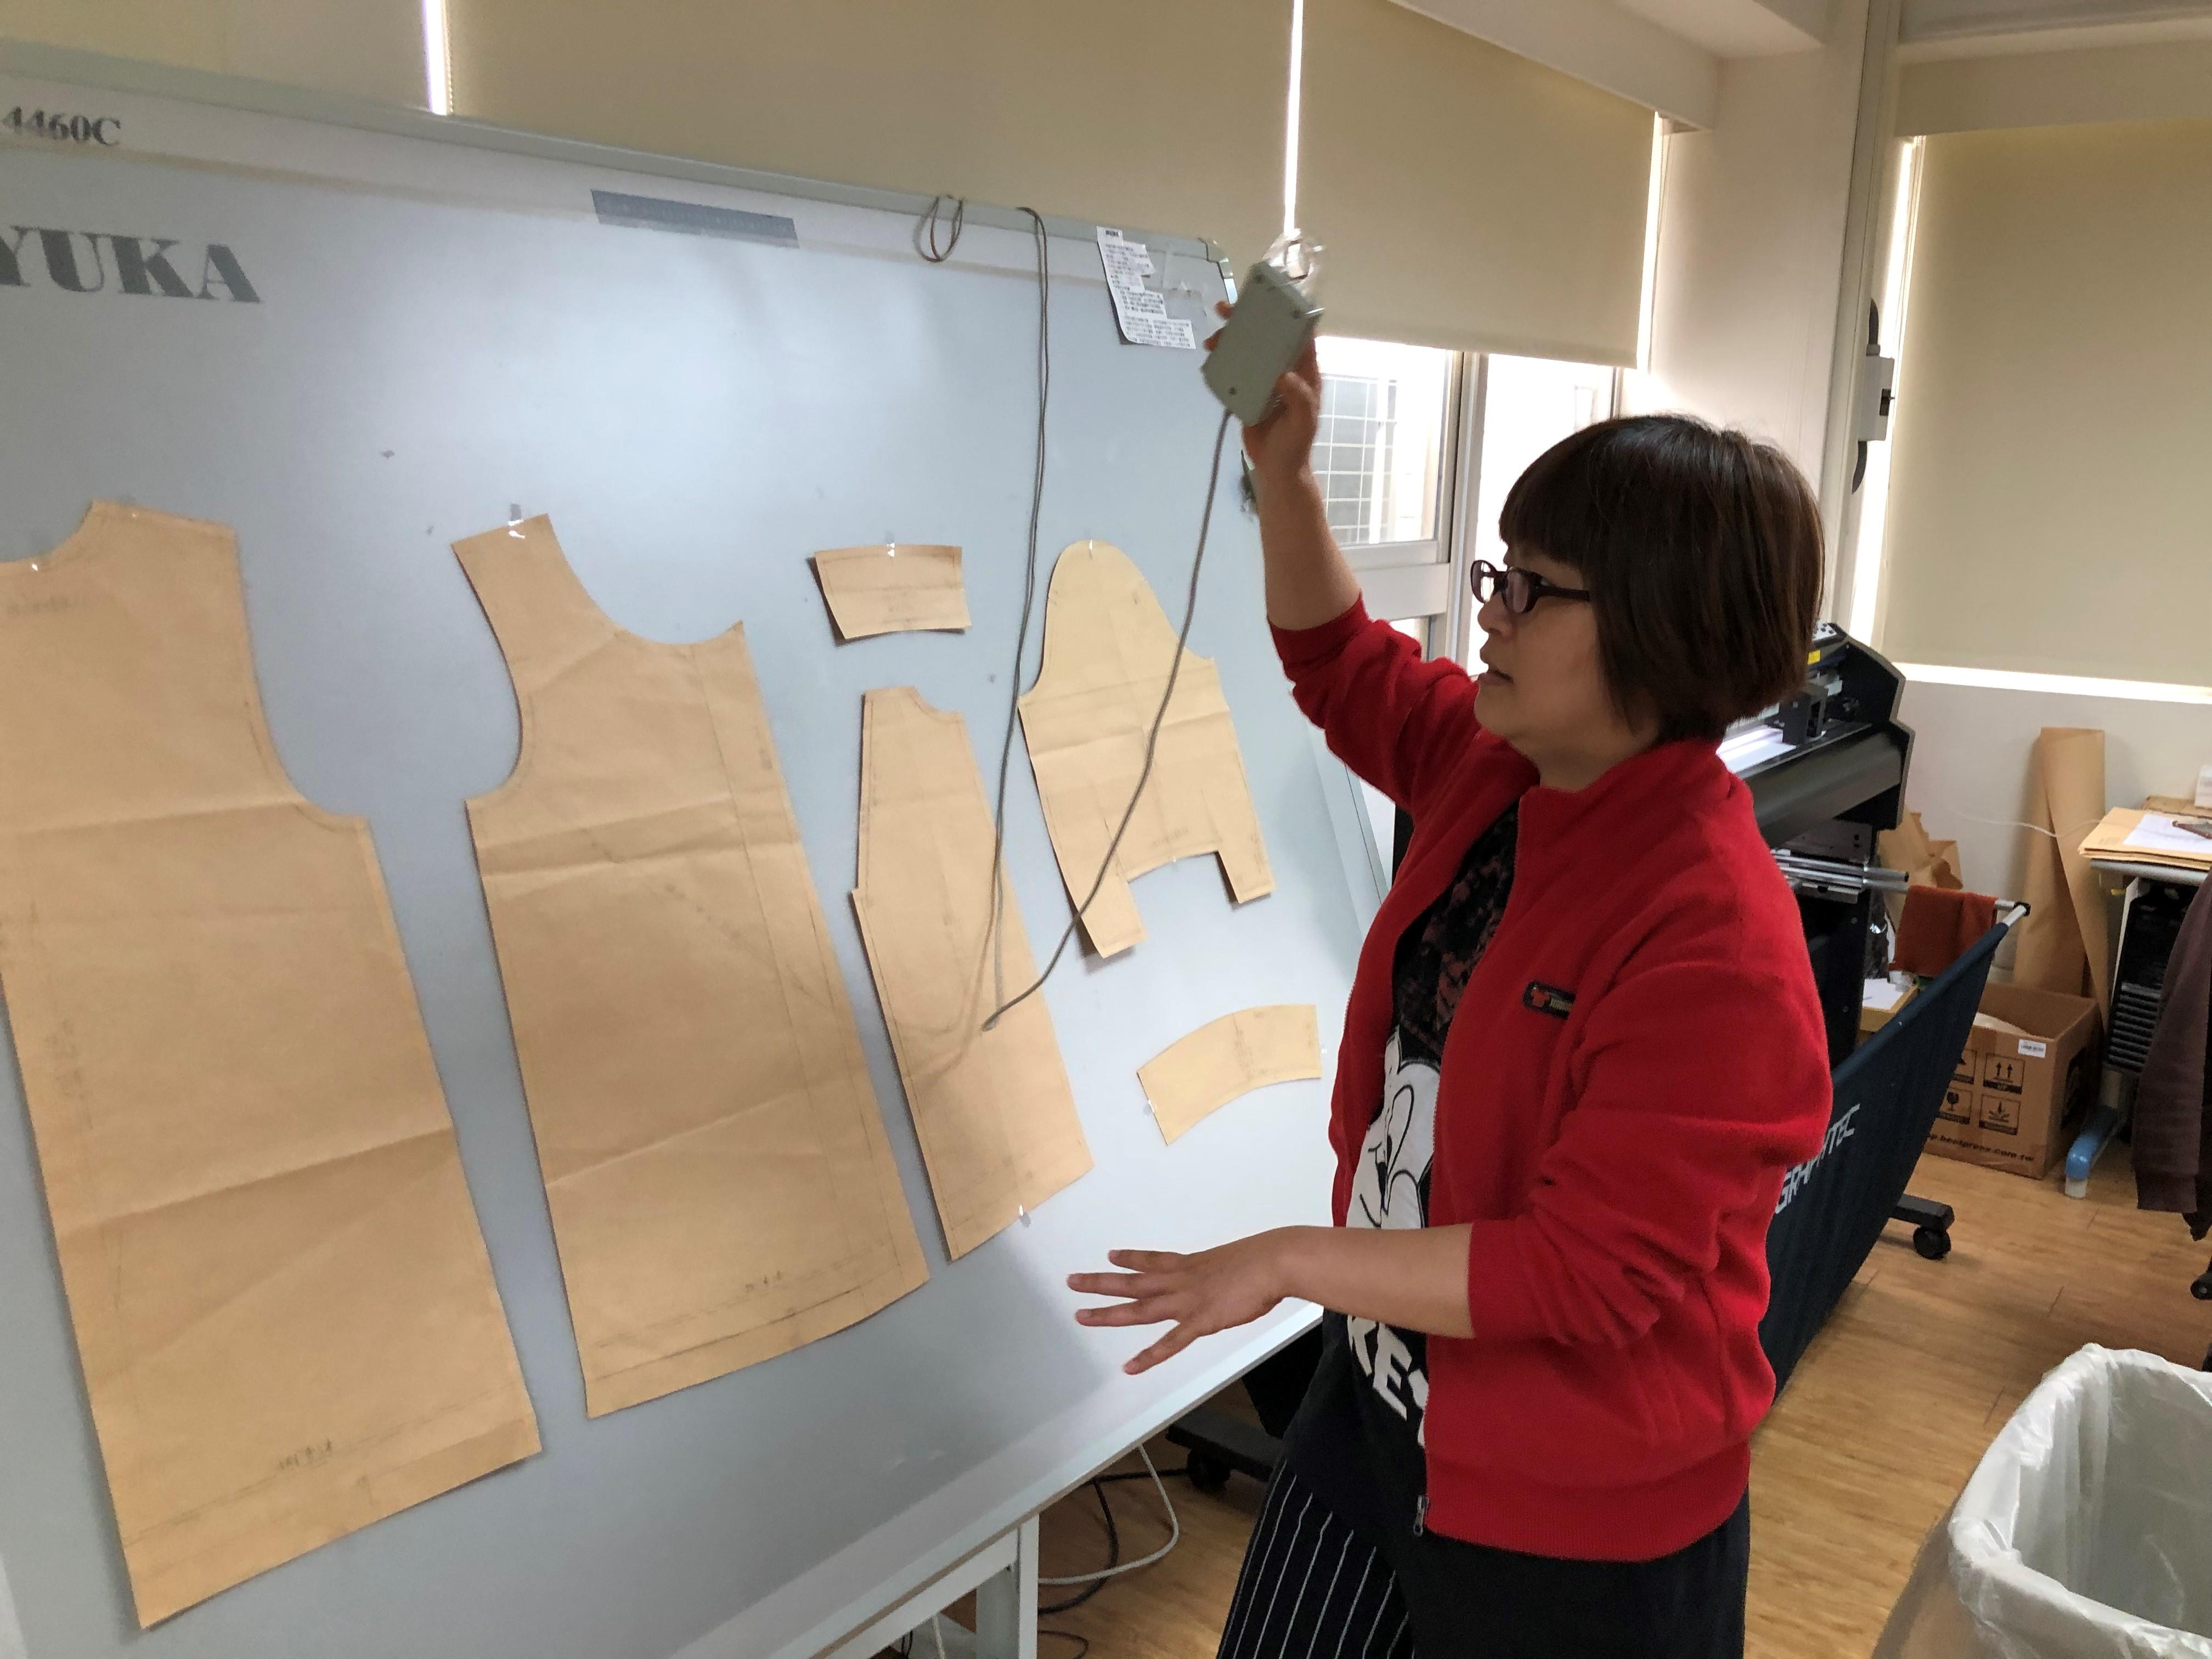 ▲曾月廷使用創客基地YUKA打版做出服飾樣板